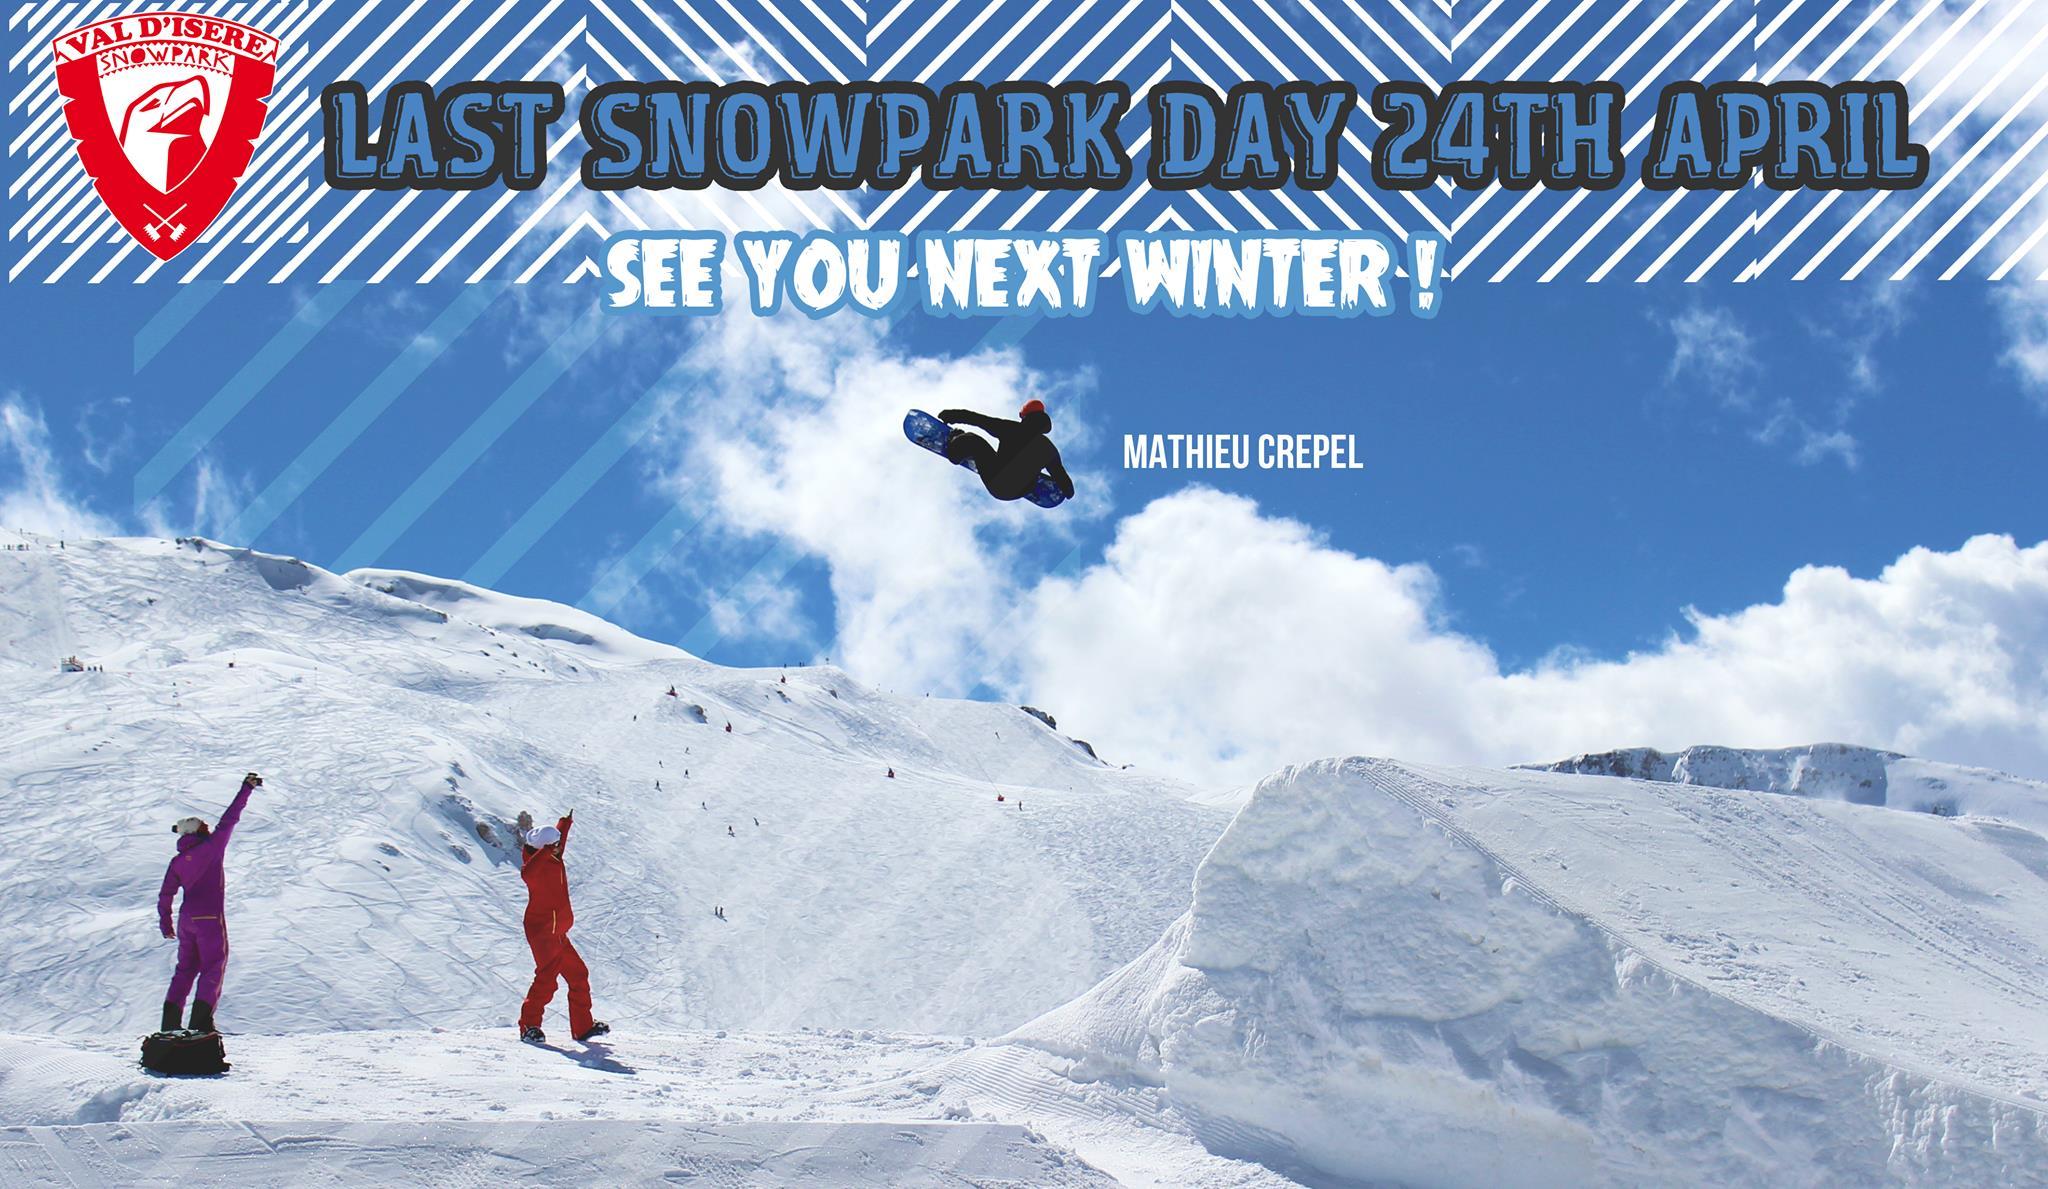 Mathieu Crepel Val d'Isère Snowpark